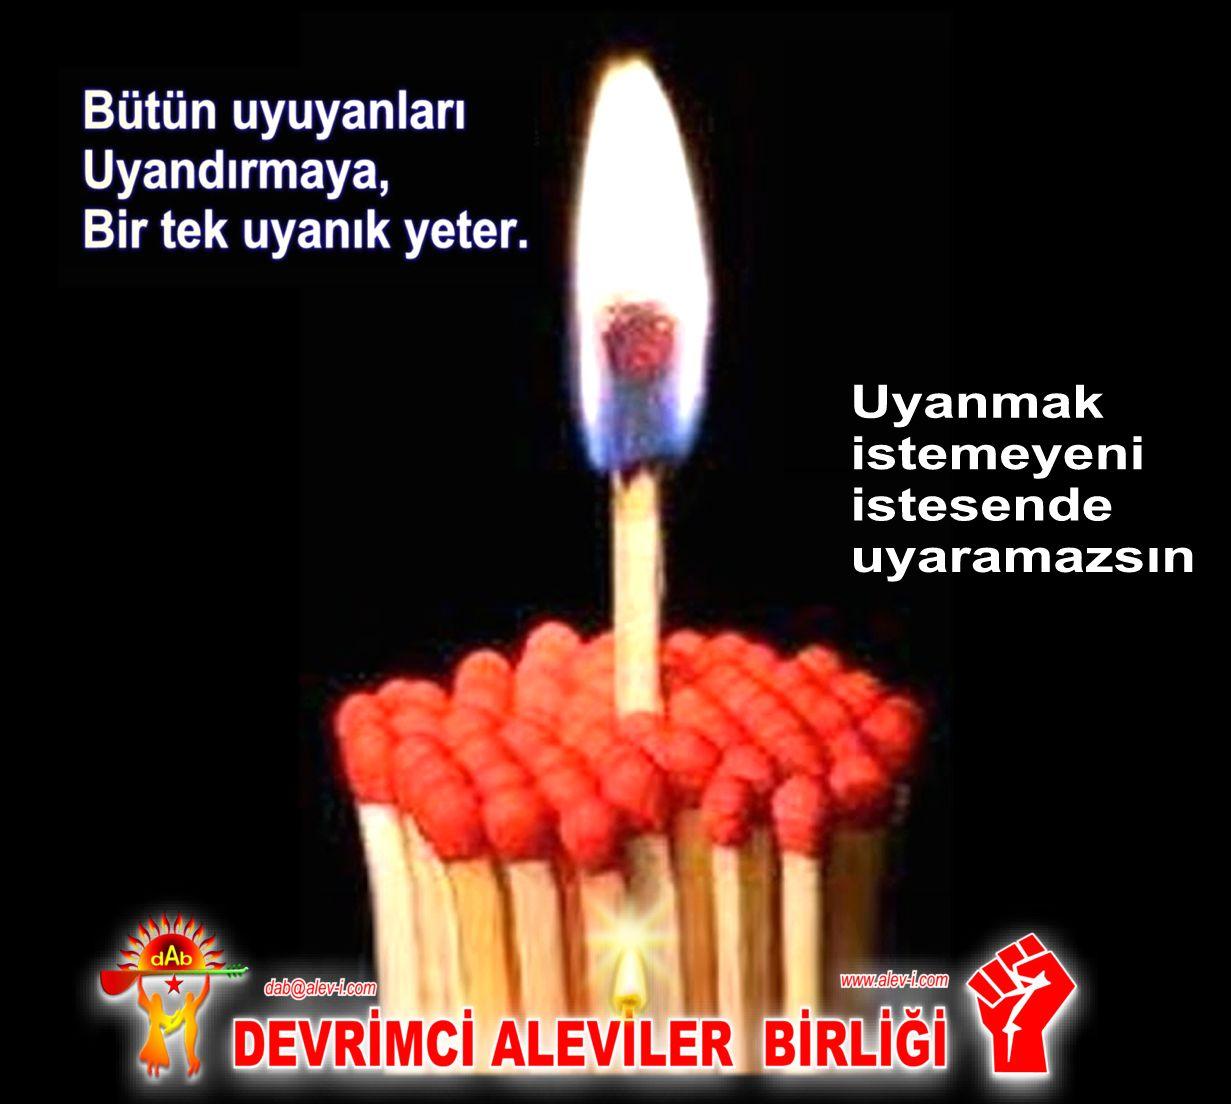 Devrimci Aleviler Birliği DAB Alevi Kızılbaş Bektaşi pir sultan cem hz Ali 12 imam semah Feramuz Şah Acar uyanik DAB